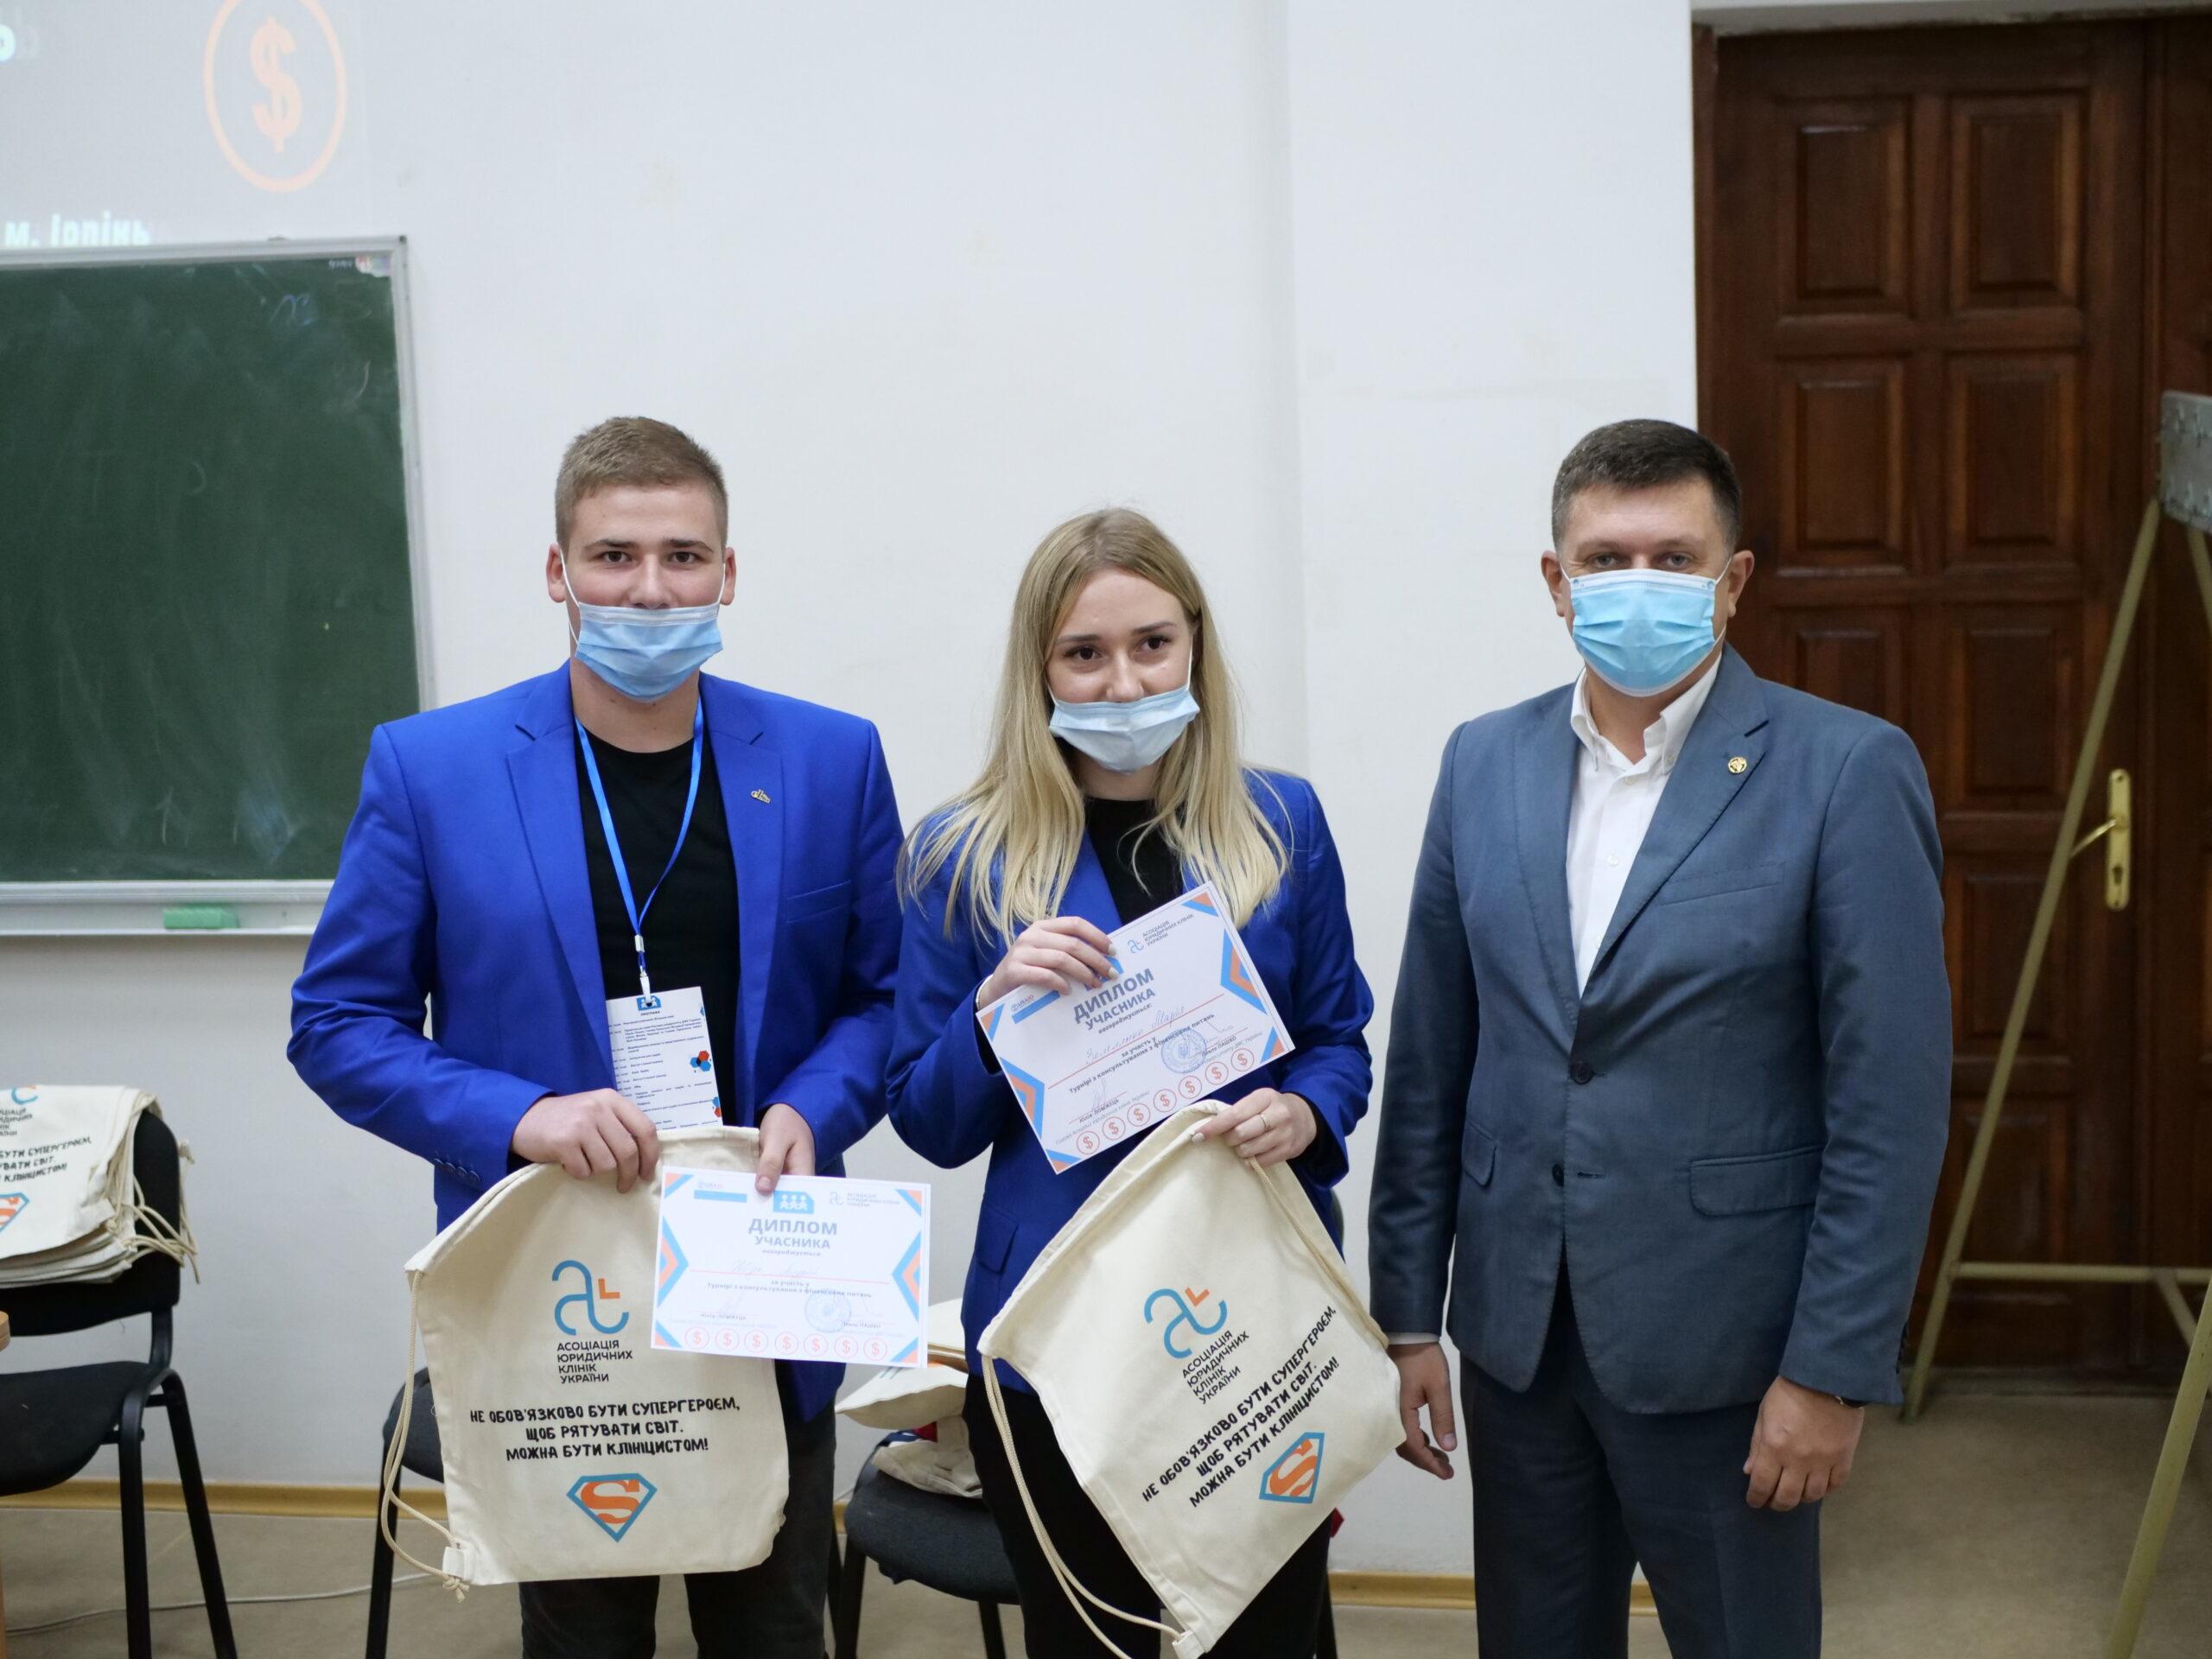 Студентське стажування та Турнір з консультування: студенти-правники демонстрували свої знання у змаганнях